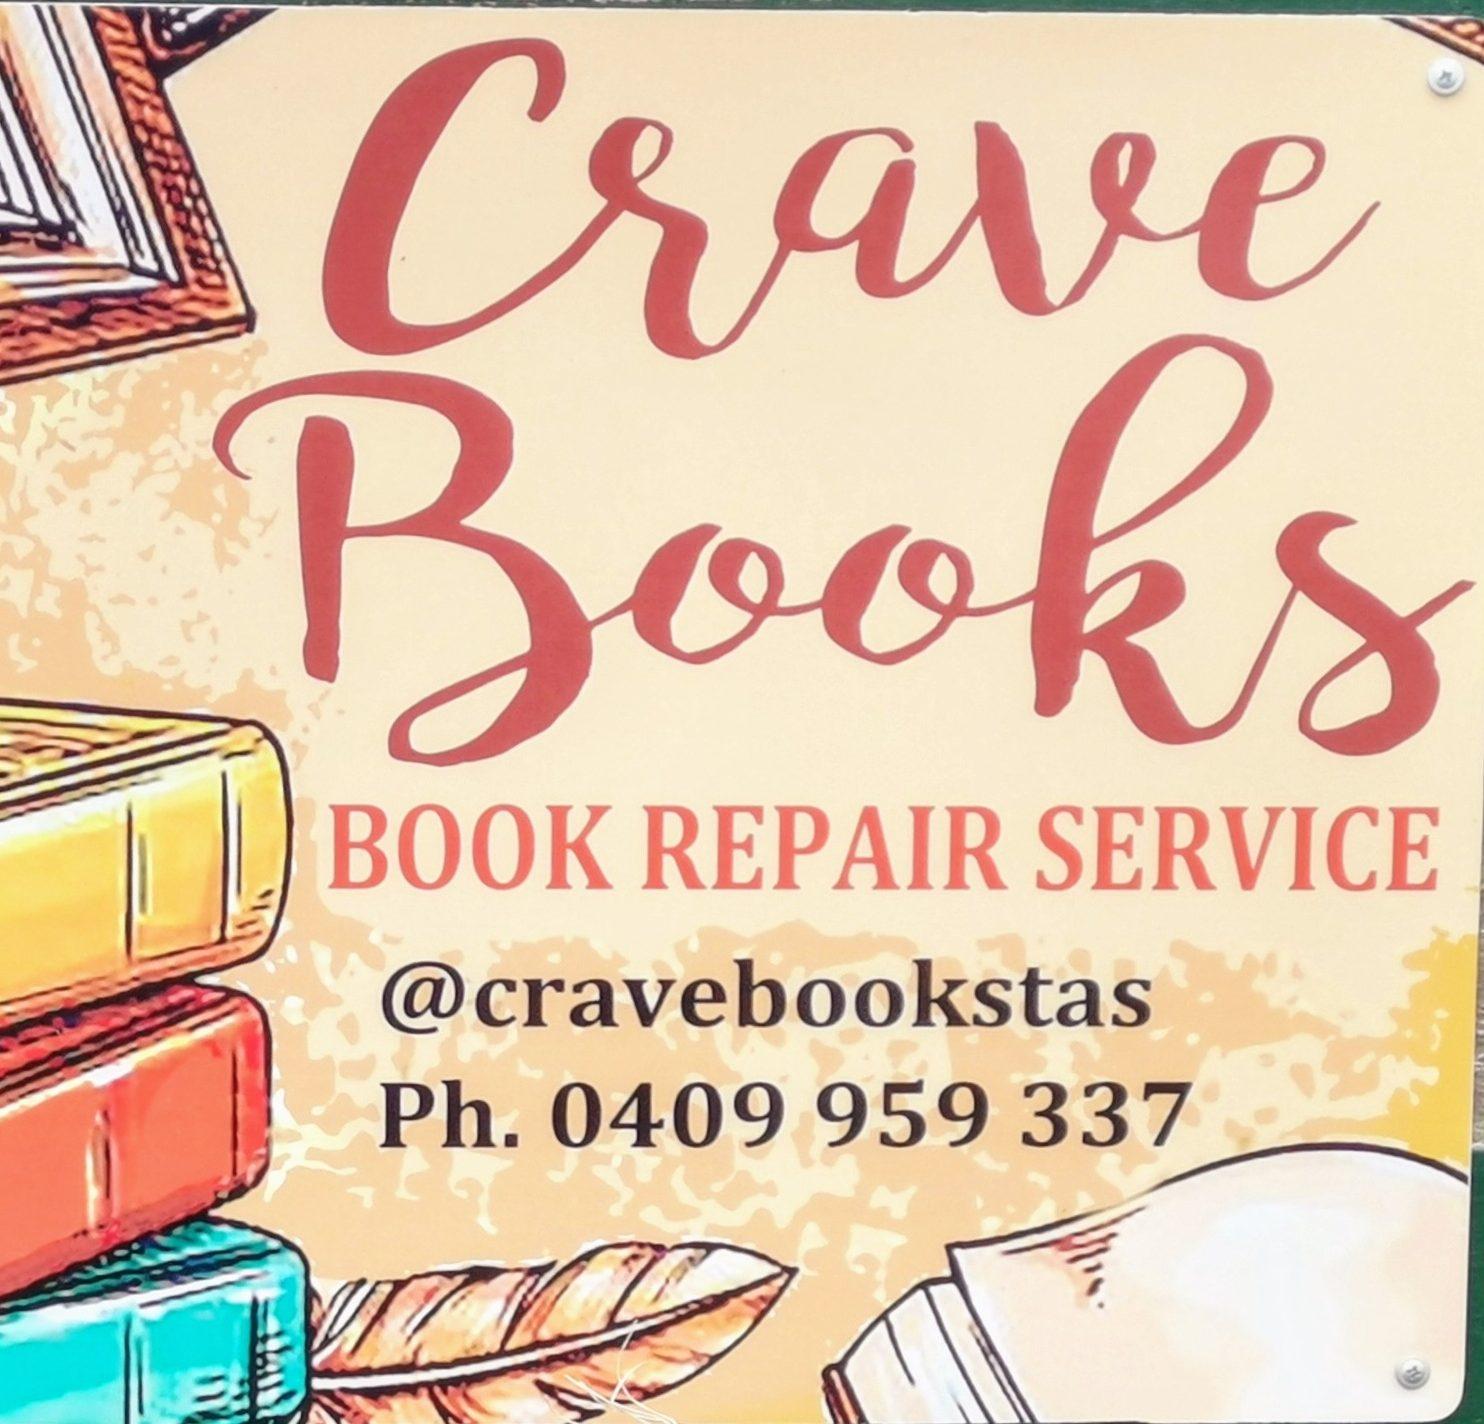 Crave Books Tasmania